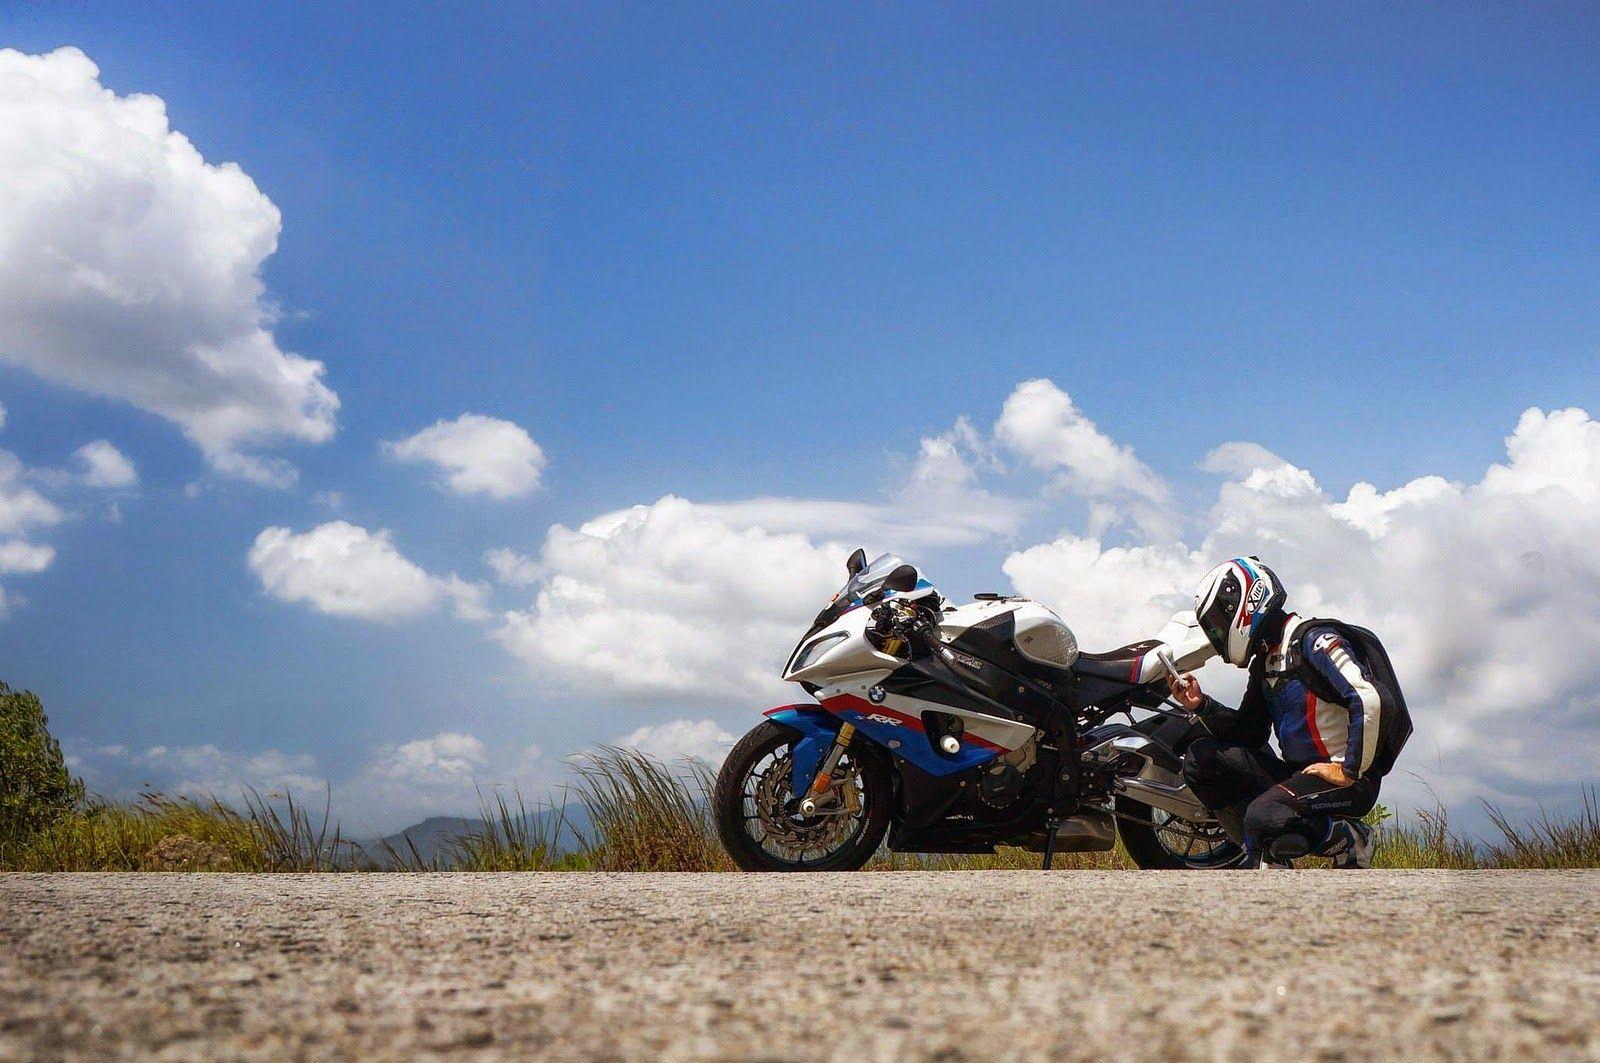 BMW S1000RR | Like Bike, Like Rider